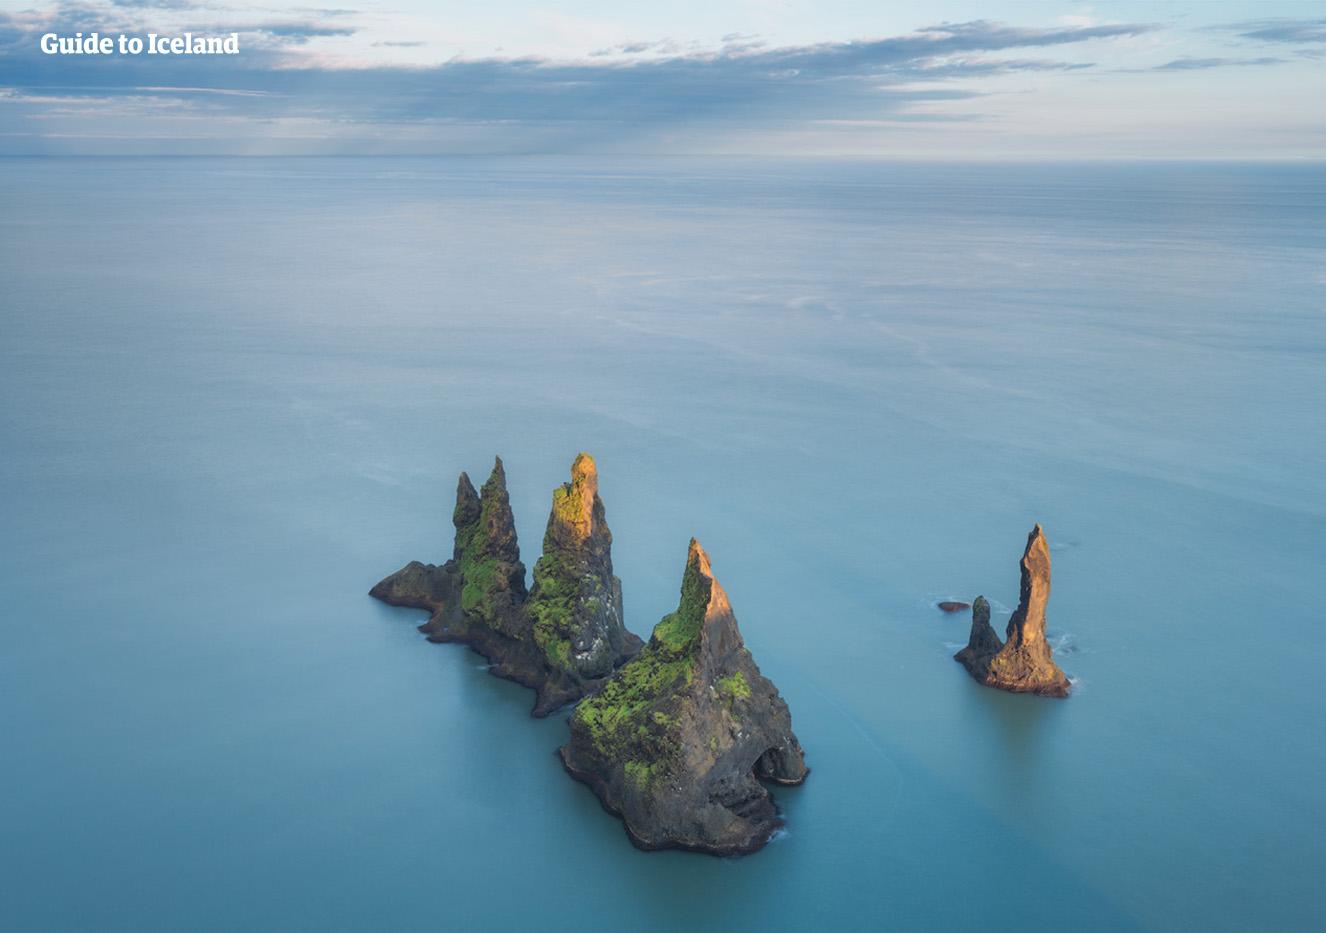 Las grandes pilas marinas de Reynisdrangar en la costa sur se presentaron en escenas ambientadas en Guardaoriente en el programa de televisión Juego de Tronos.